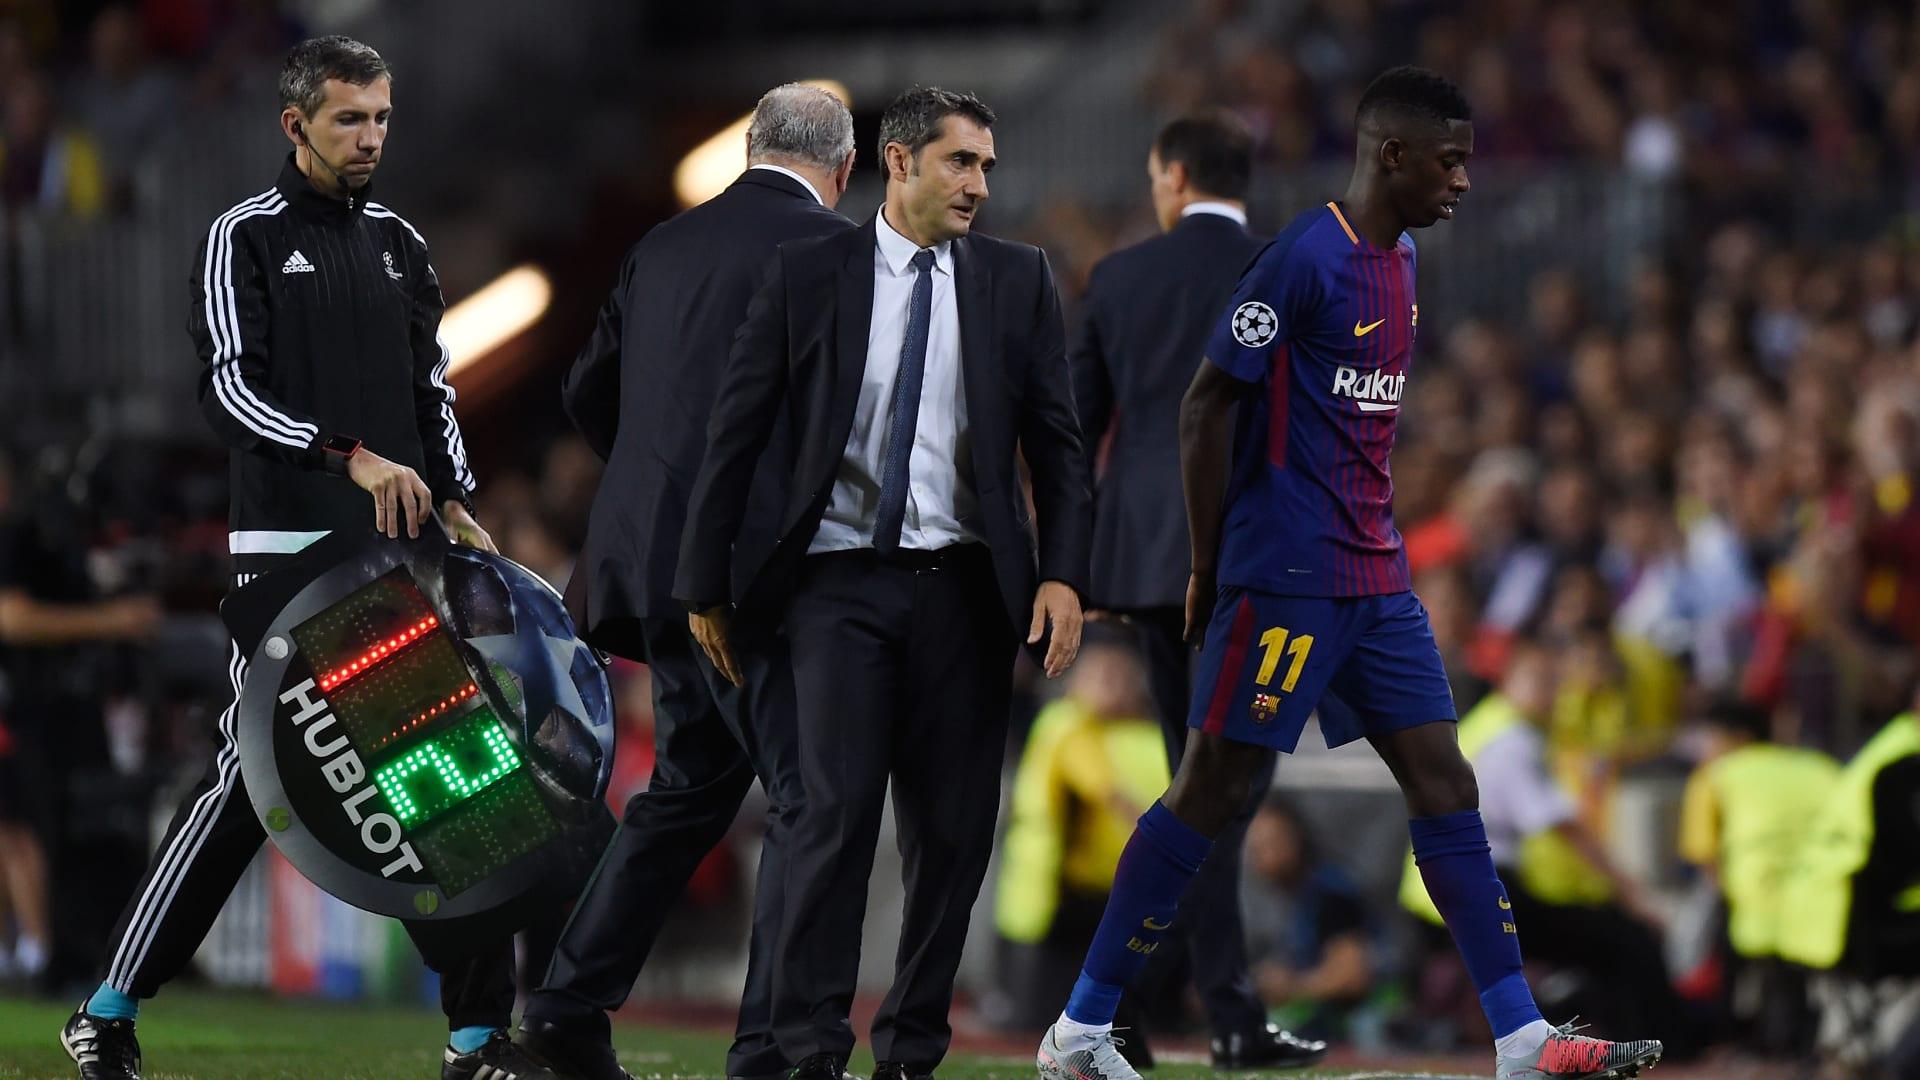 هل يعود برشلونة لخطته القديمة مع عودة عثمان ديمبيلي من الإصابة؟